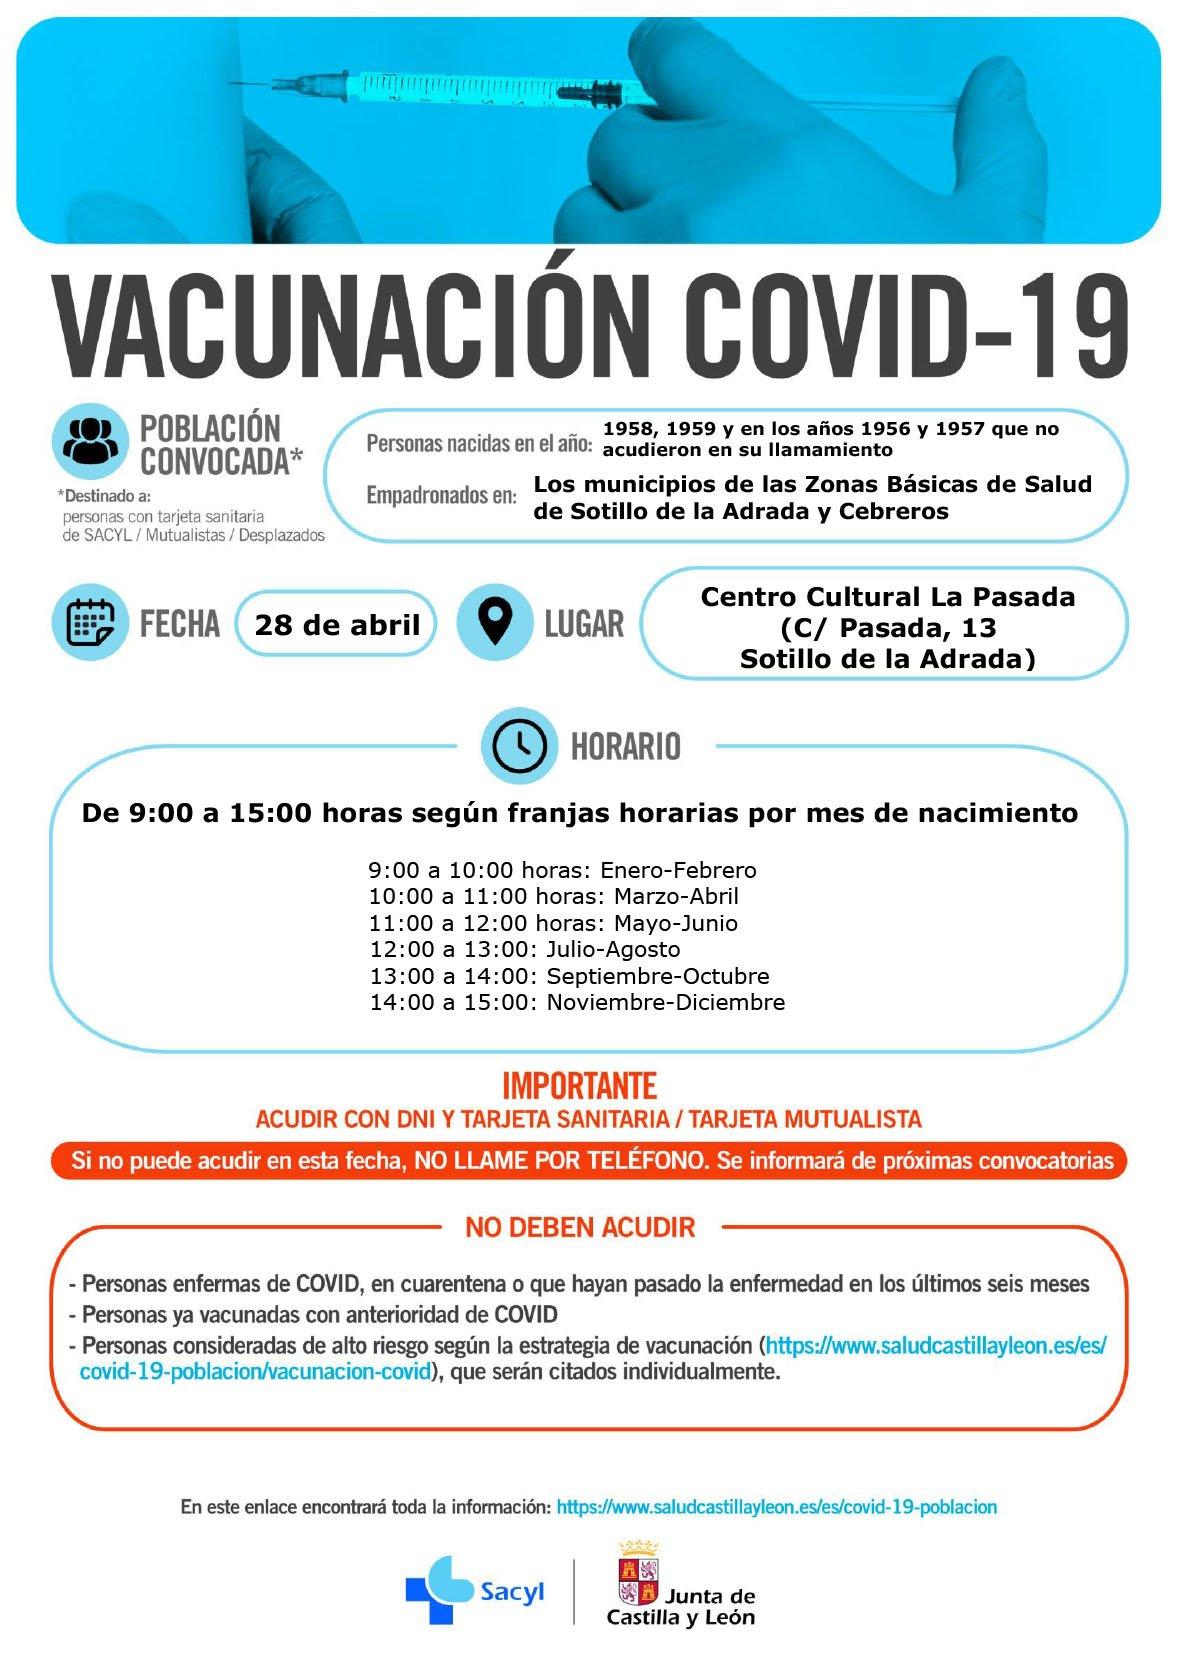 Vacunación en Sotillo de La Adrada para nacidos en 1958, 1959, 1956 y 1957 el 28 de abril de 2021